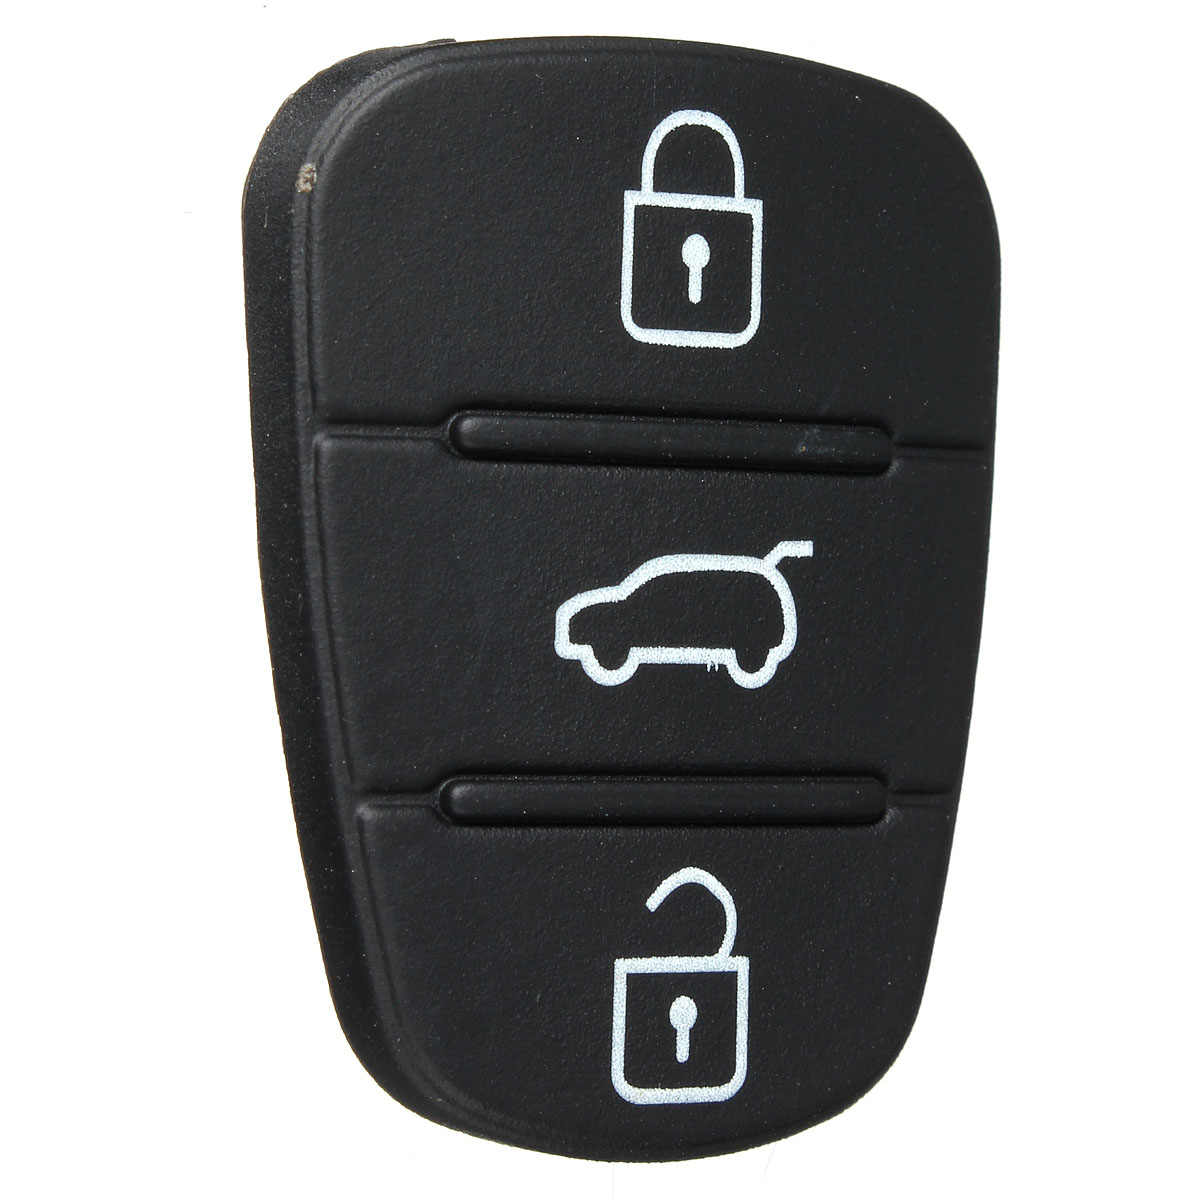 2X Lật Gấp Ô Tô Điều Khiển Từ Xa Vỏ Chìa Khóa Phím Cao Su Nút Miếng Lót Cho Xe Hyundai Solaris Giọng Tucson L10 L20 L30/ xe Kia Rio Ceed